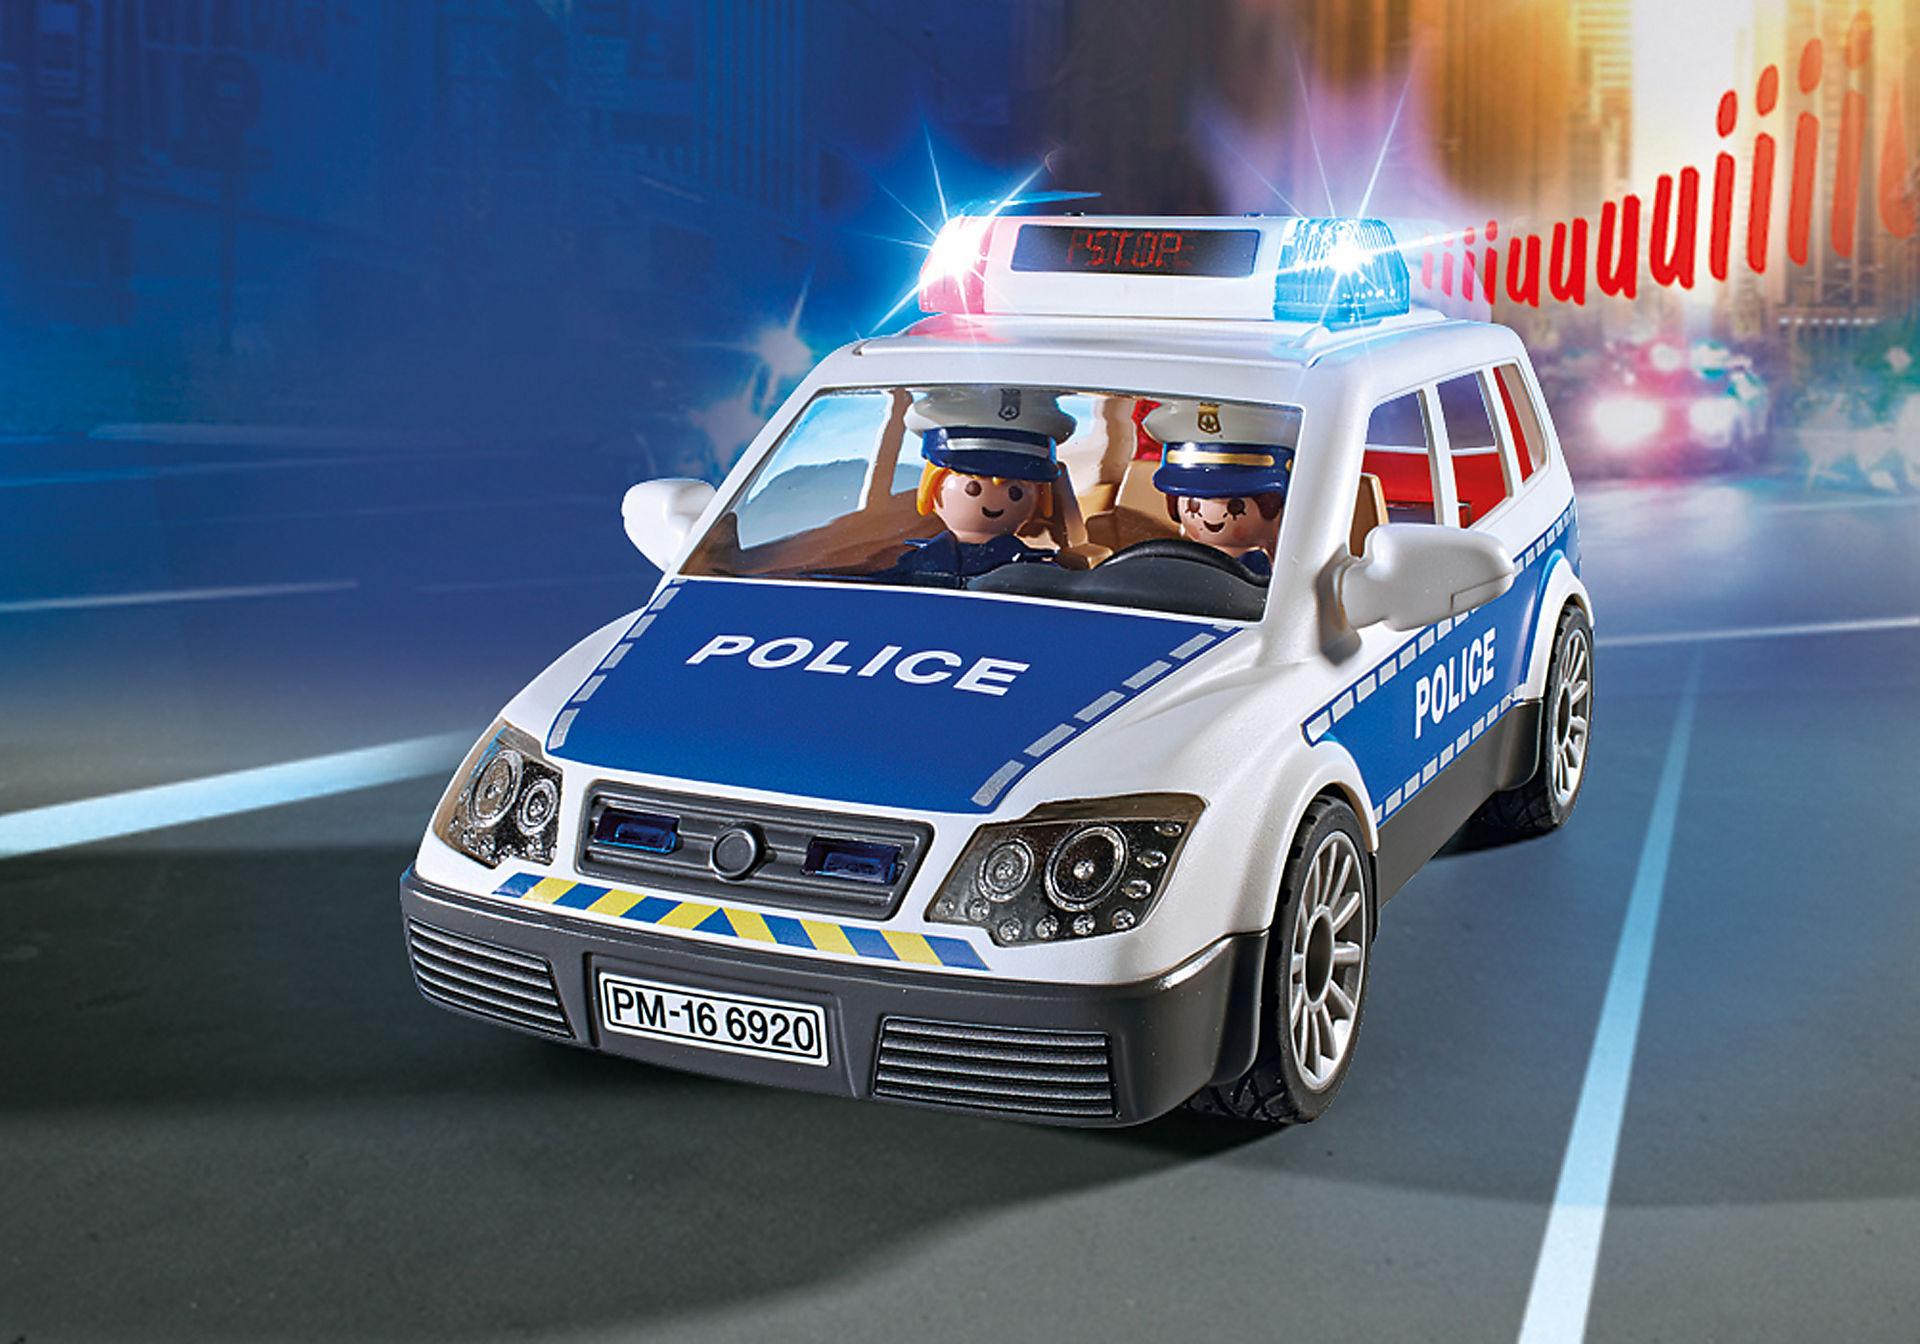 http://media.playmobil.com/i/playmobil/6920_product_extra3/Carro da Polícia com luzes e som